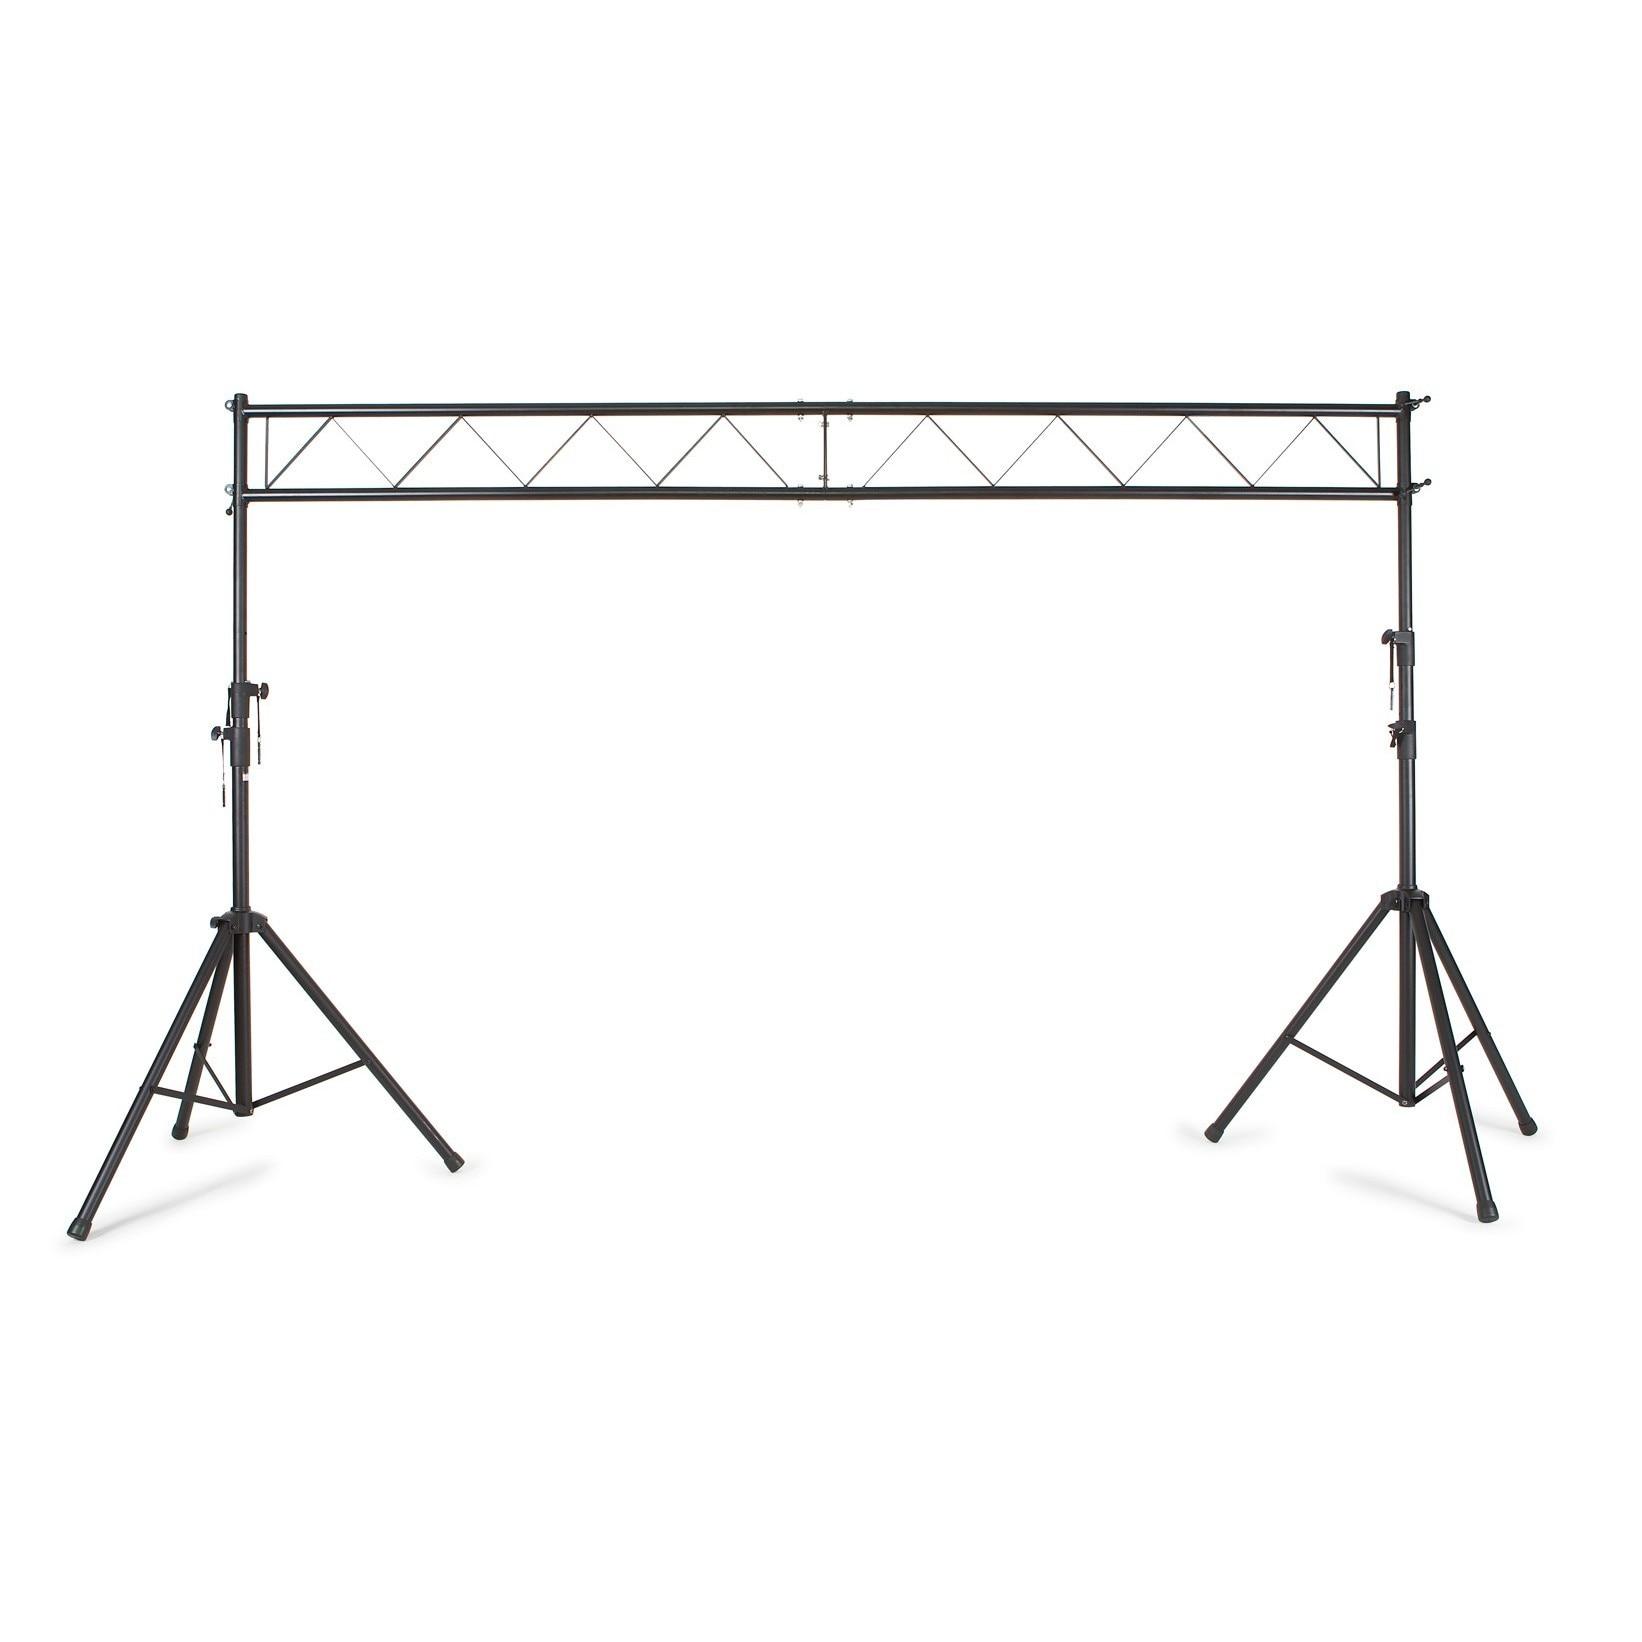 Ponte de luces fardo até 3 metros de altura, ajustável, fonestar rl420d, construído com tubos de 5mm diâmetro ferro conjunto